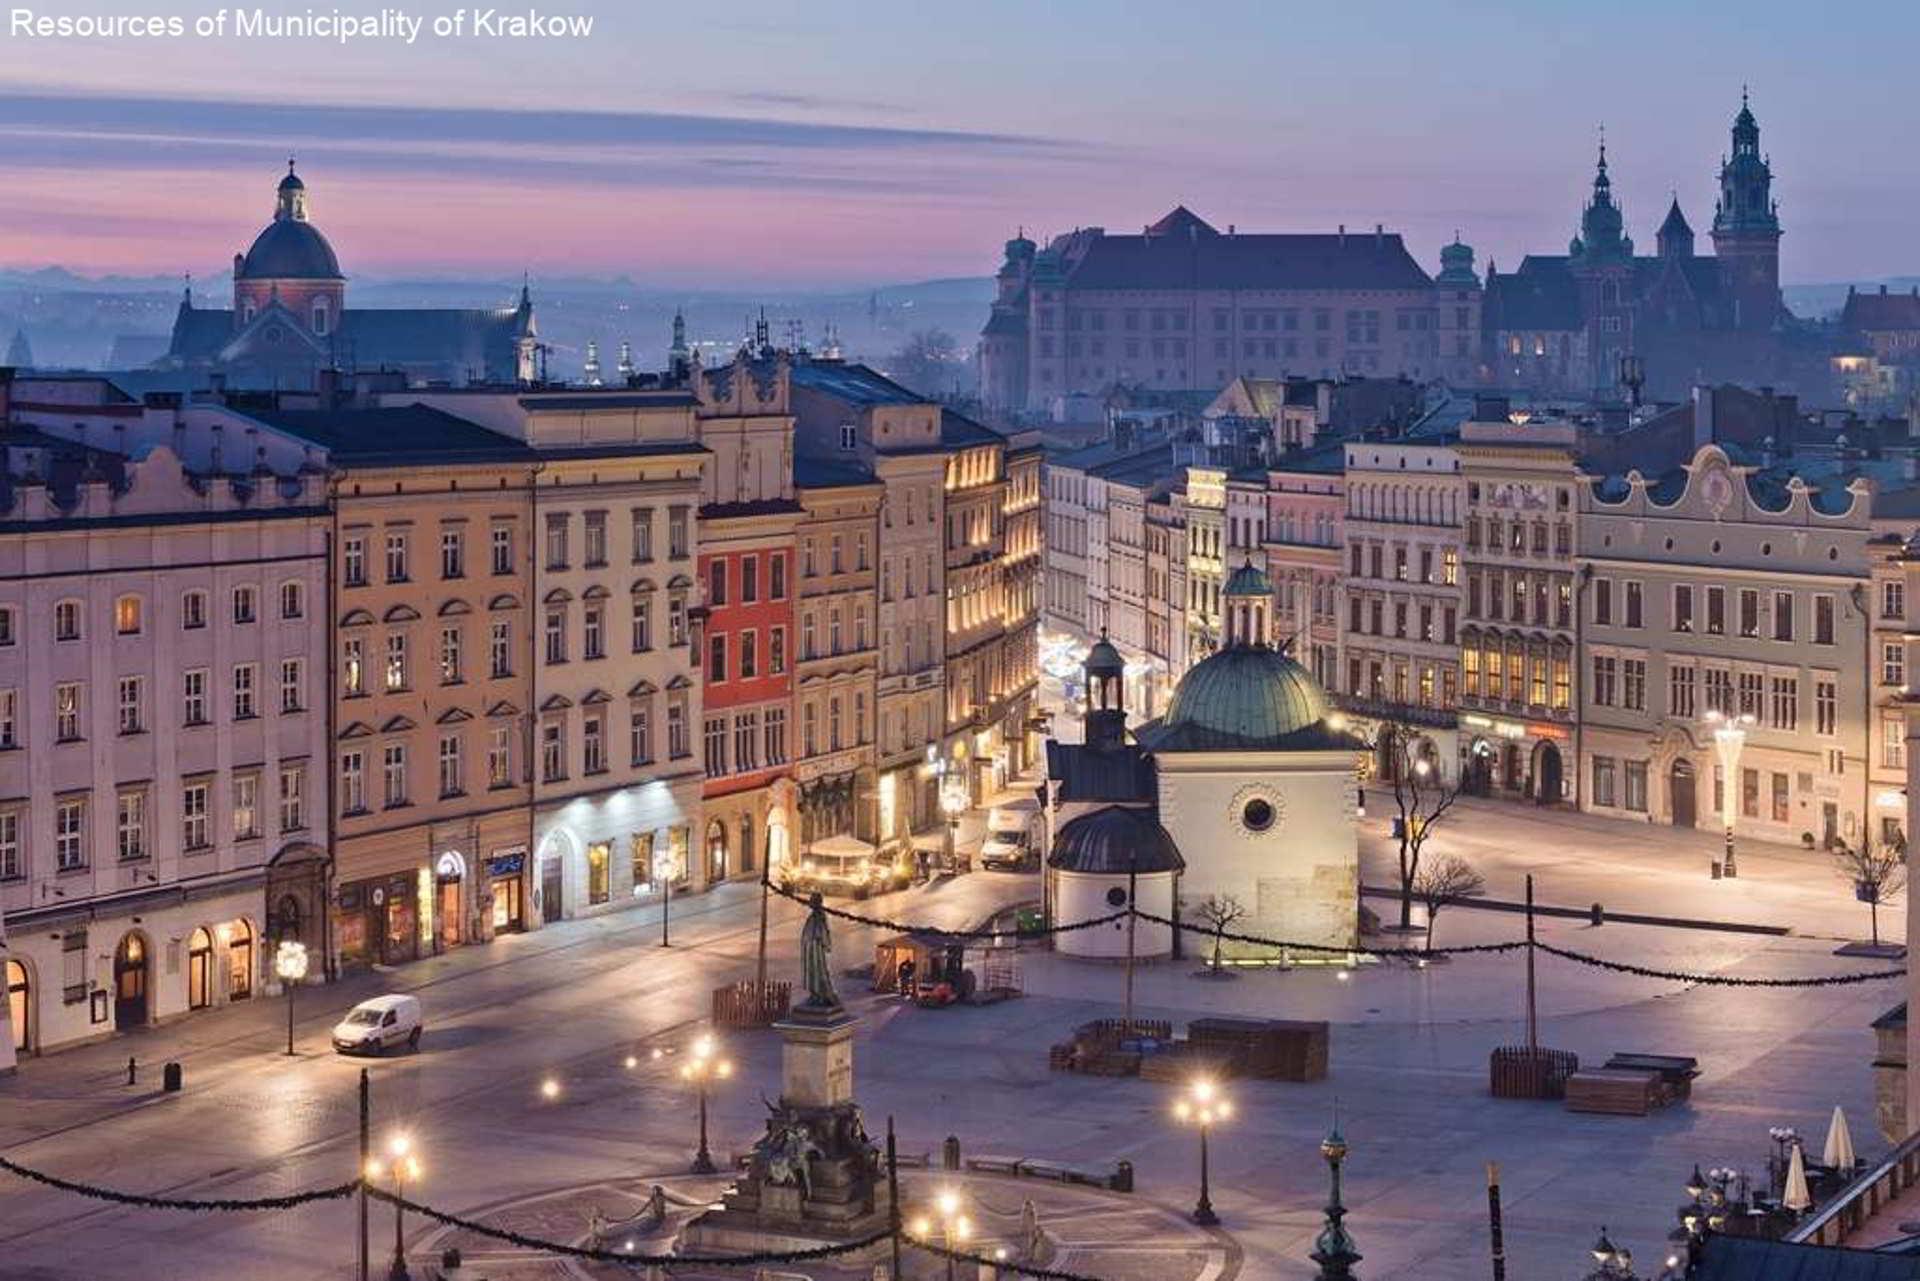 11 Rynek Główny, Kościół św. Wojciecha, Kamienice, Pomnik Mickiewicza, Noc